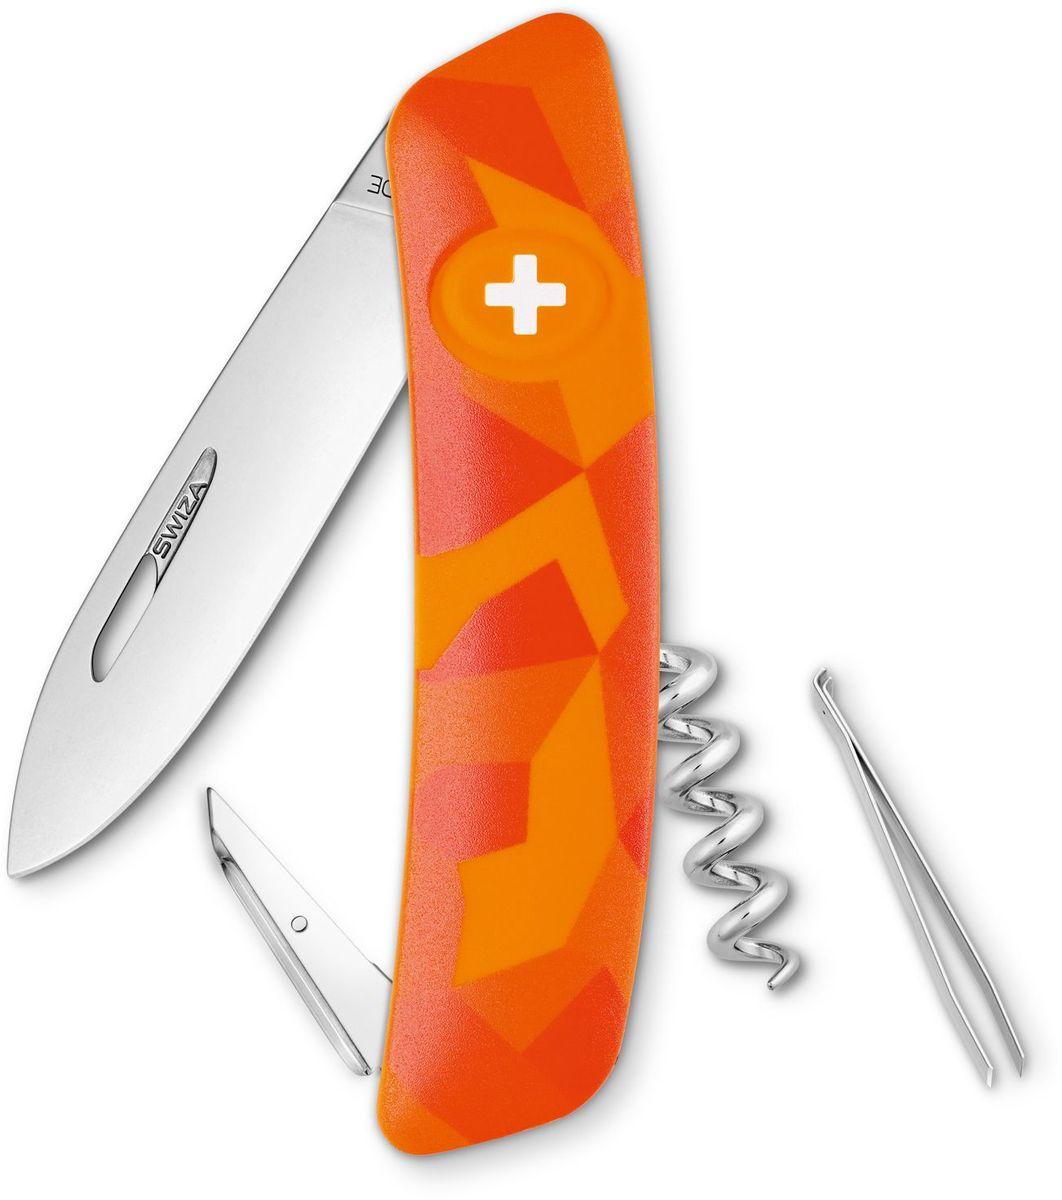 Нож швейцарский SWIZA C01, цвет: оранжевый, длина клинка 7,5 см